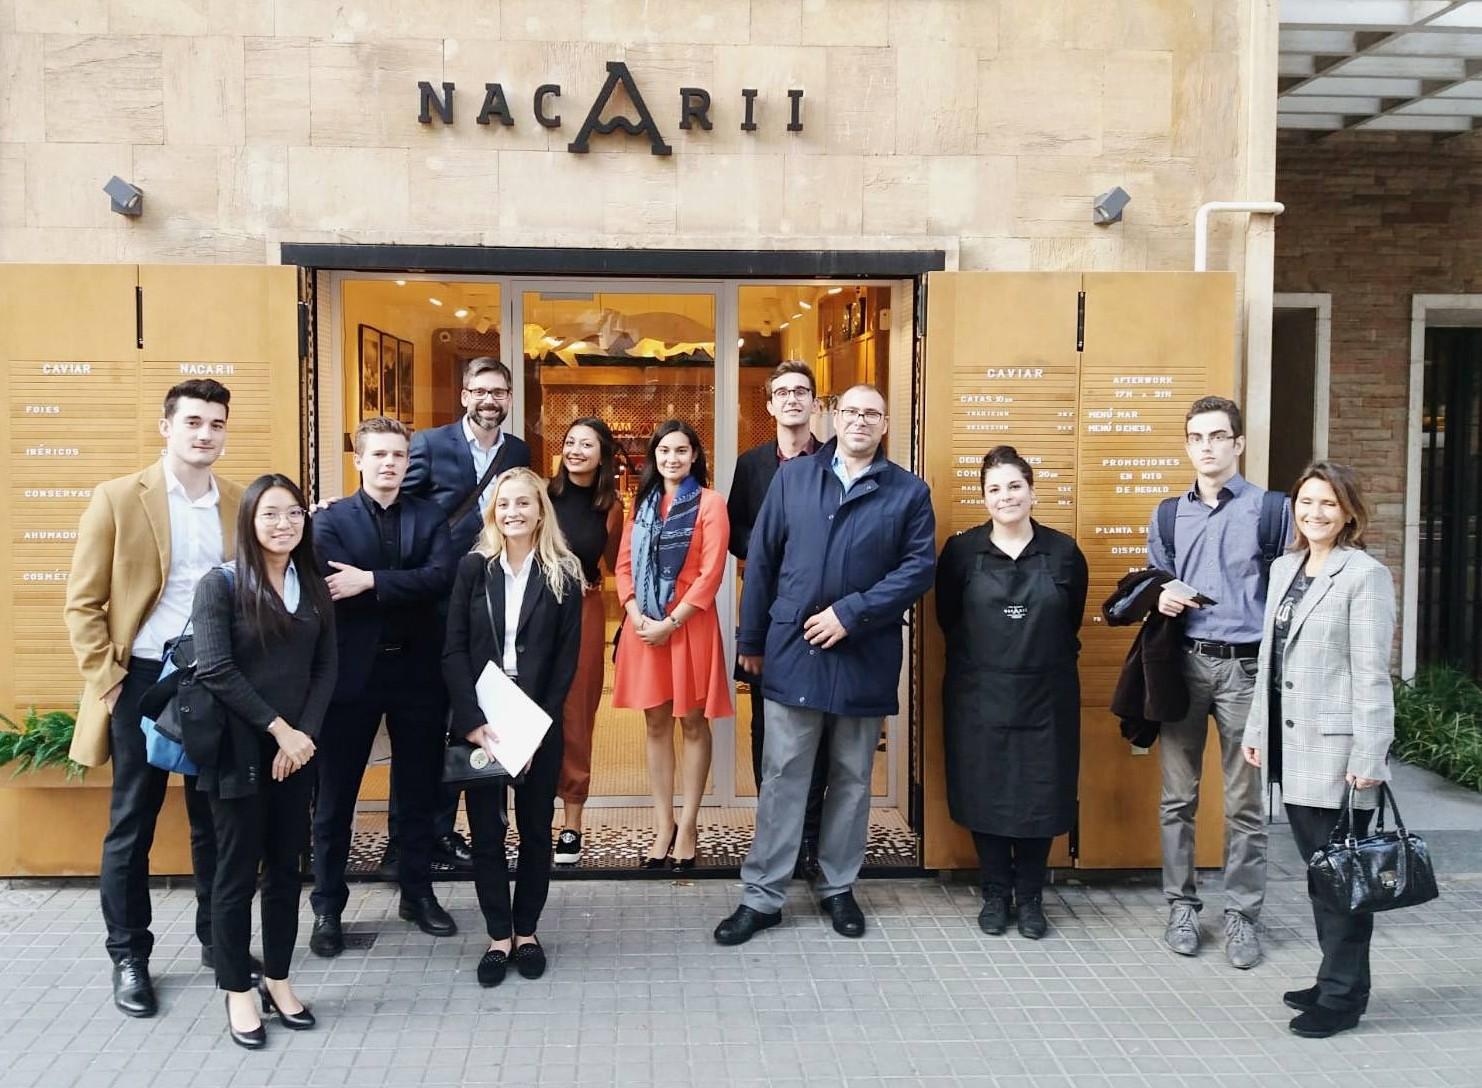 Luxury Spain ofrece una ruta y una cata a los alumnos de L'Ecole Superieure d'Hotellerie Paris